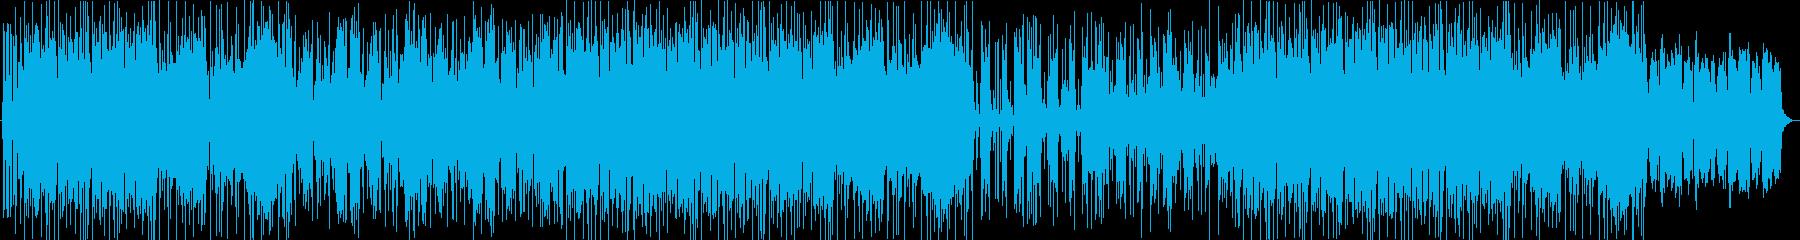 和風・おしゃれ・ポップ・アップテンポの再生済みの波形